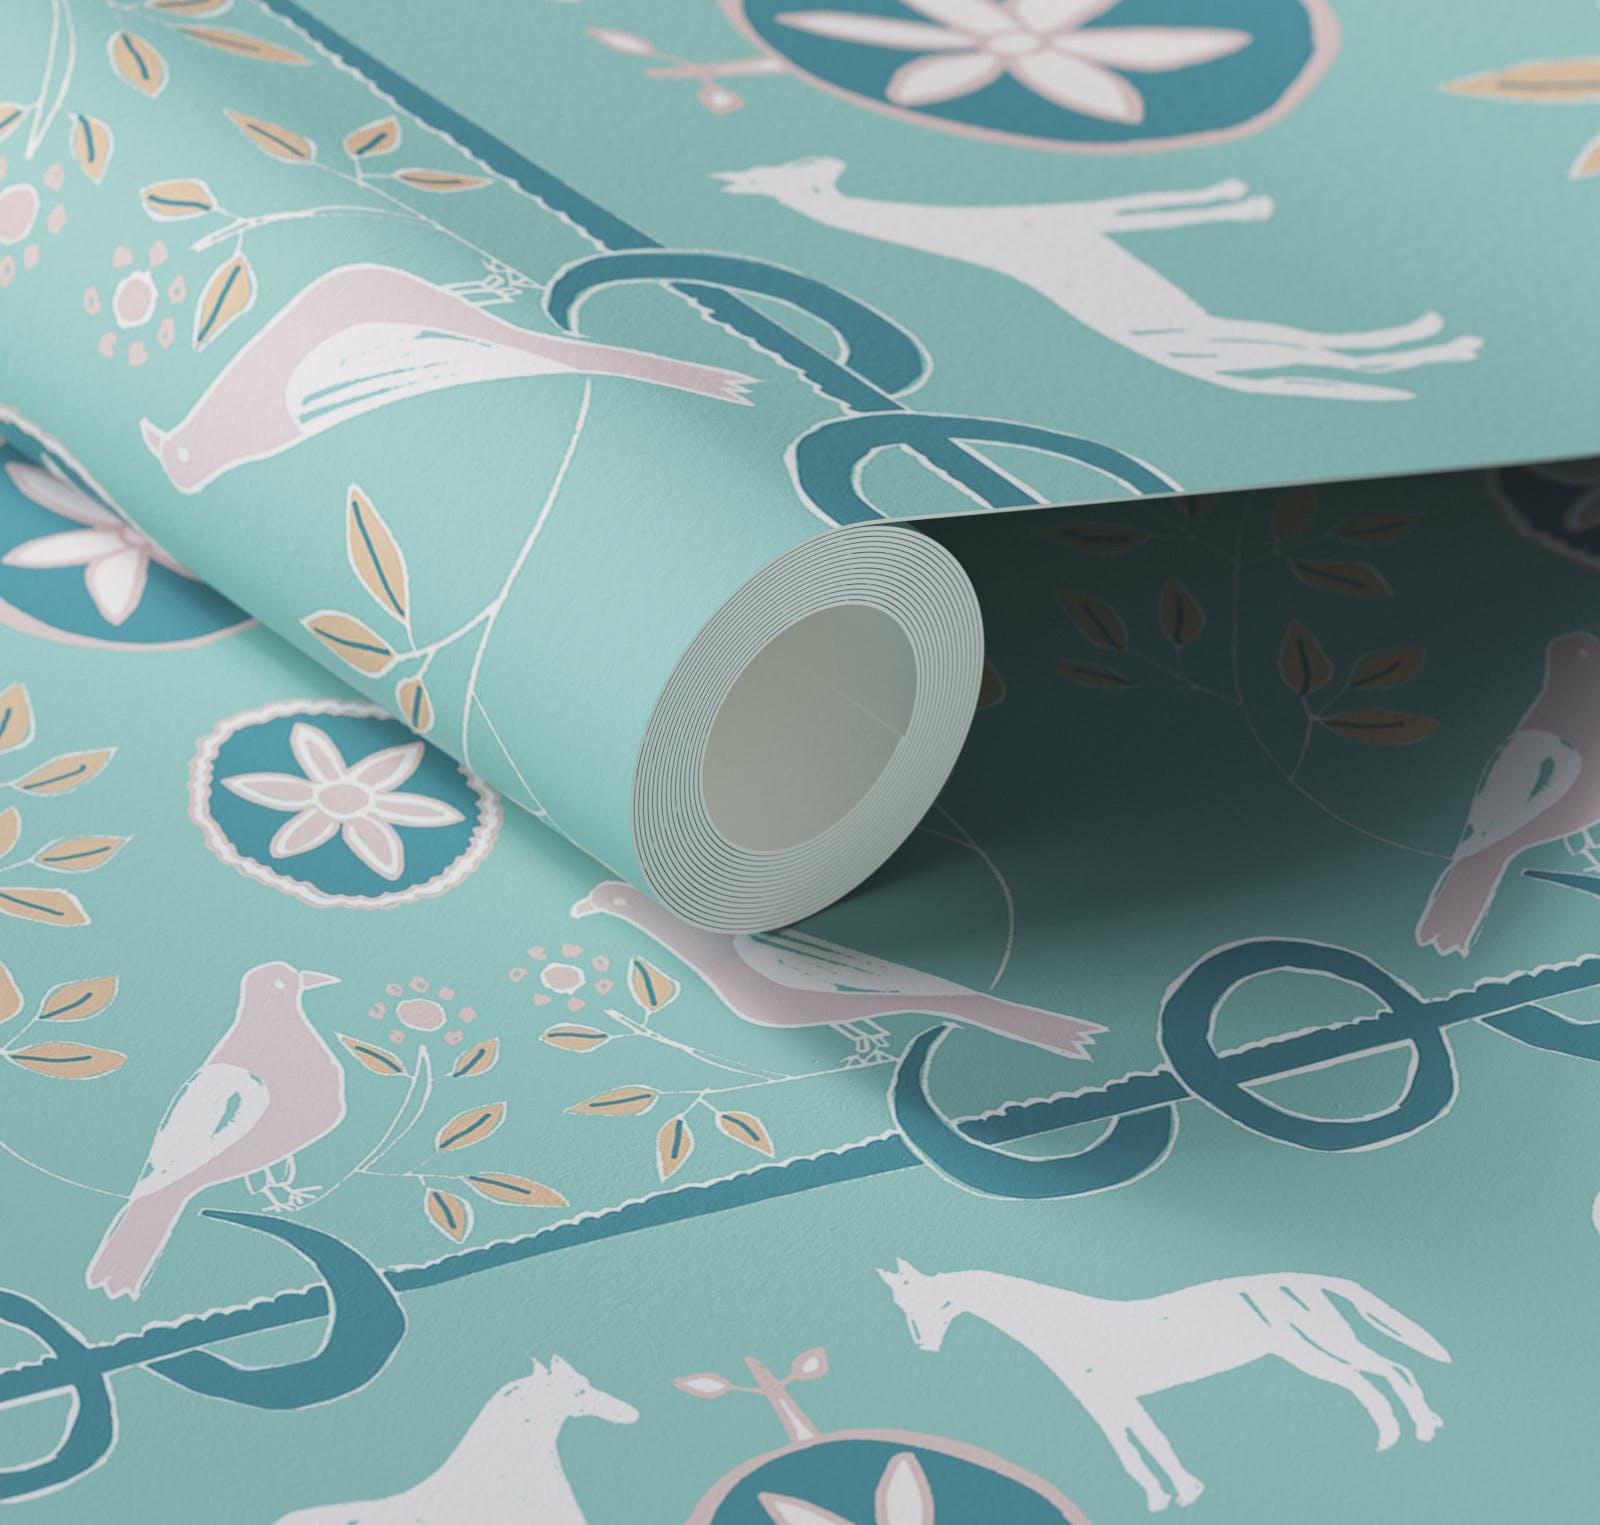 Lick x Lottie McDowell Artist in residence Dove 02 wallpaper